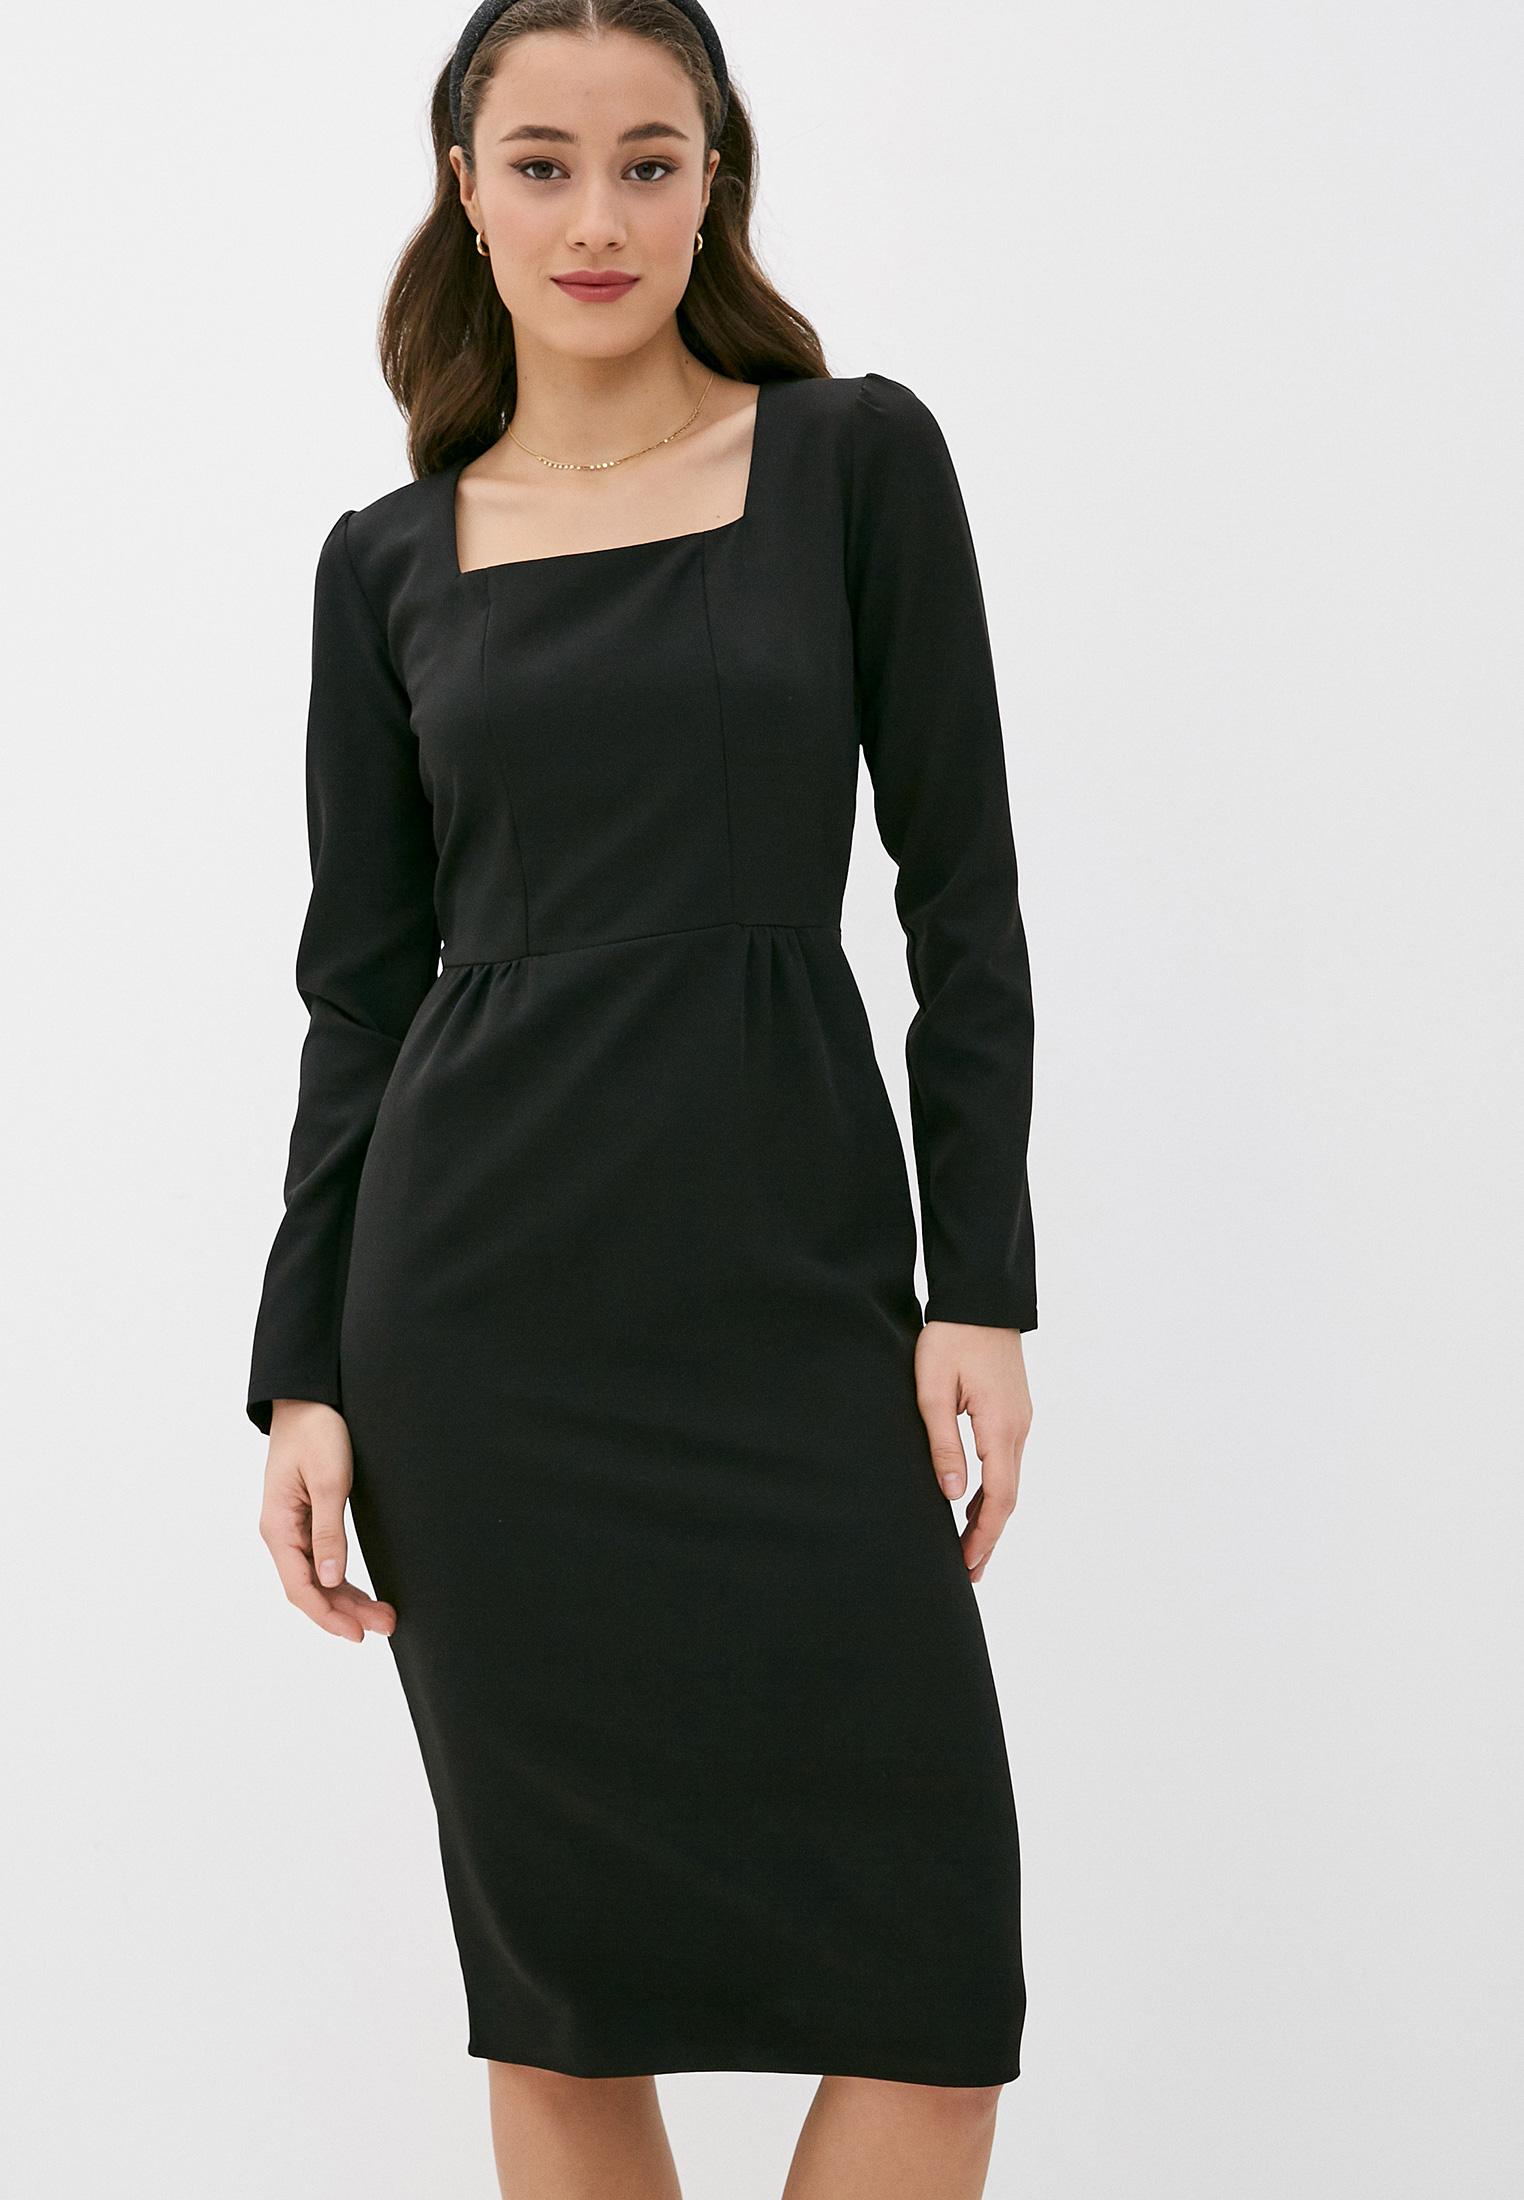 Платье Dunia DU21-13-2